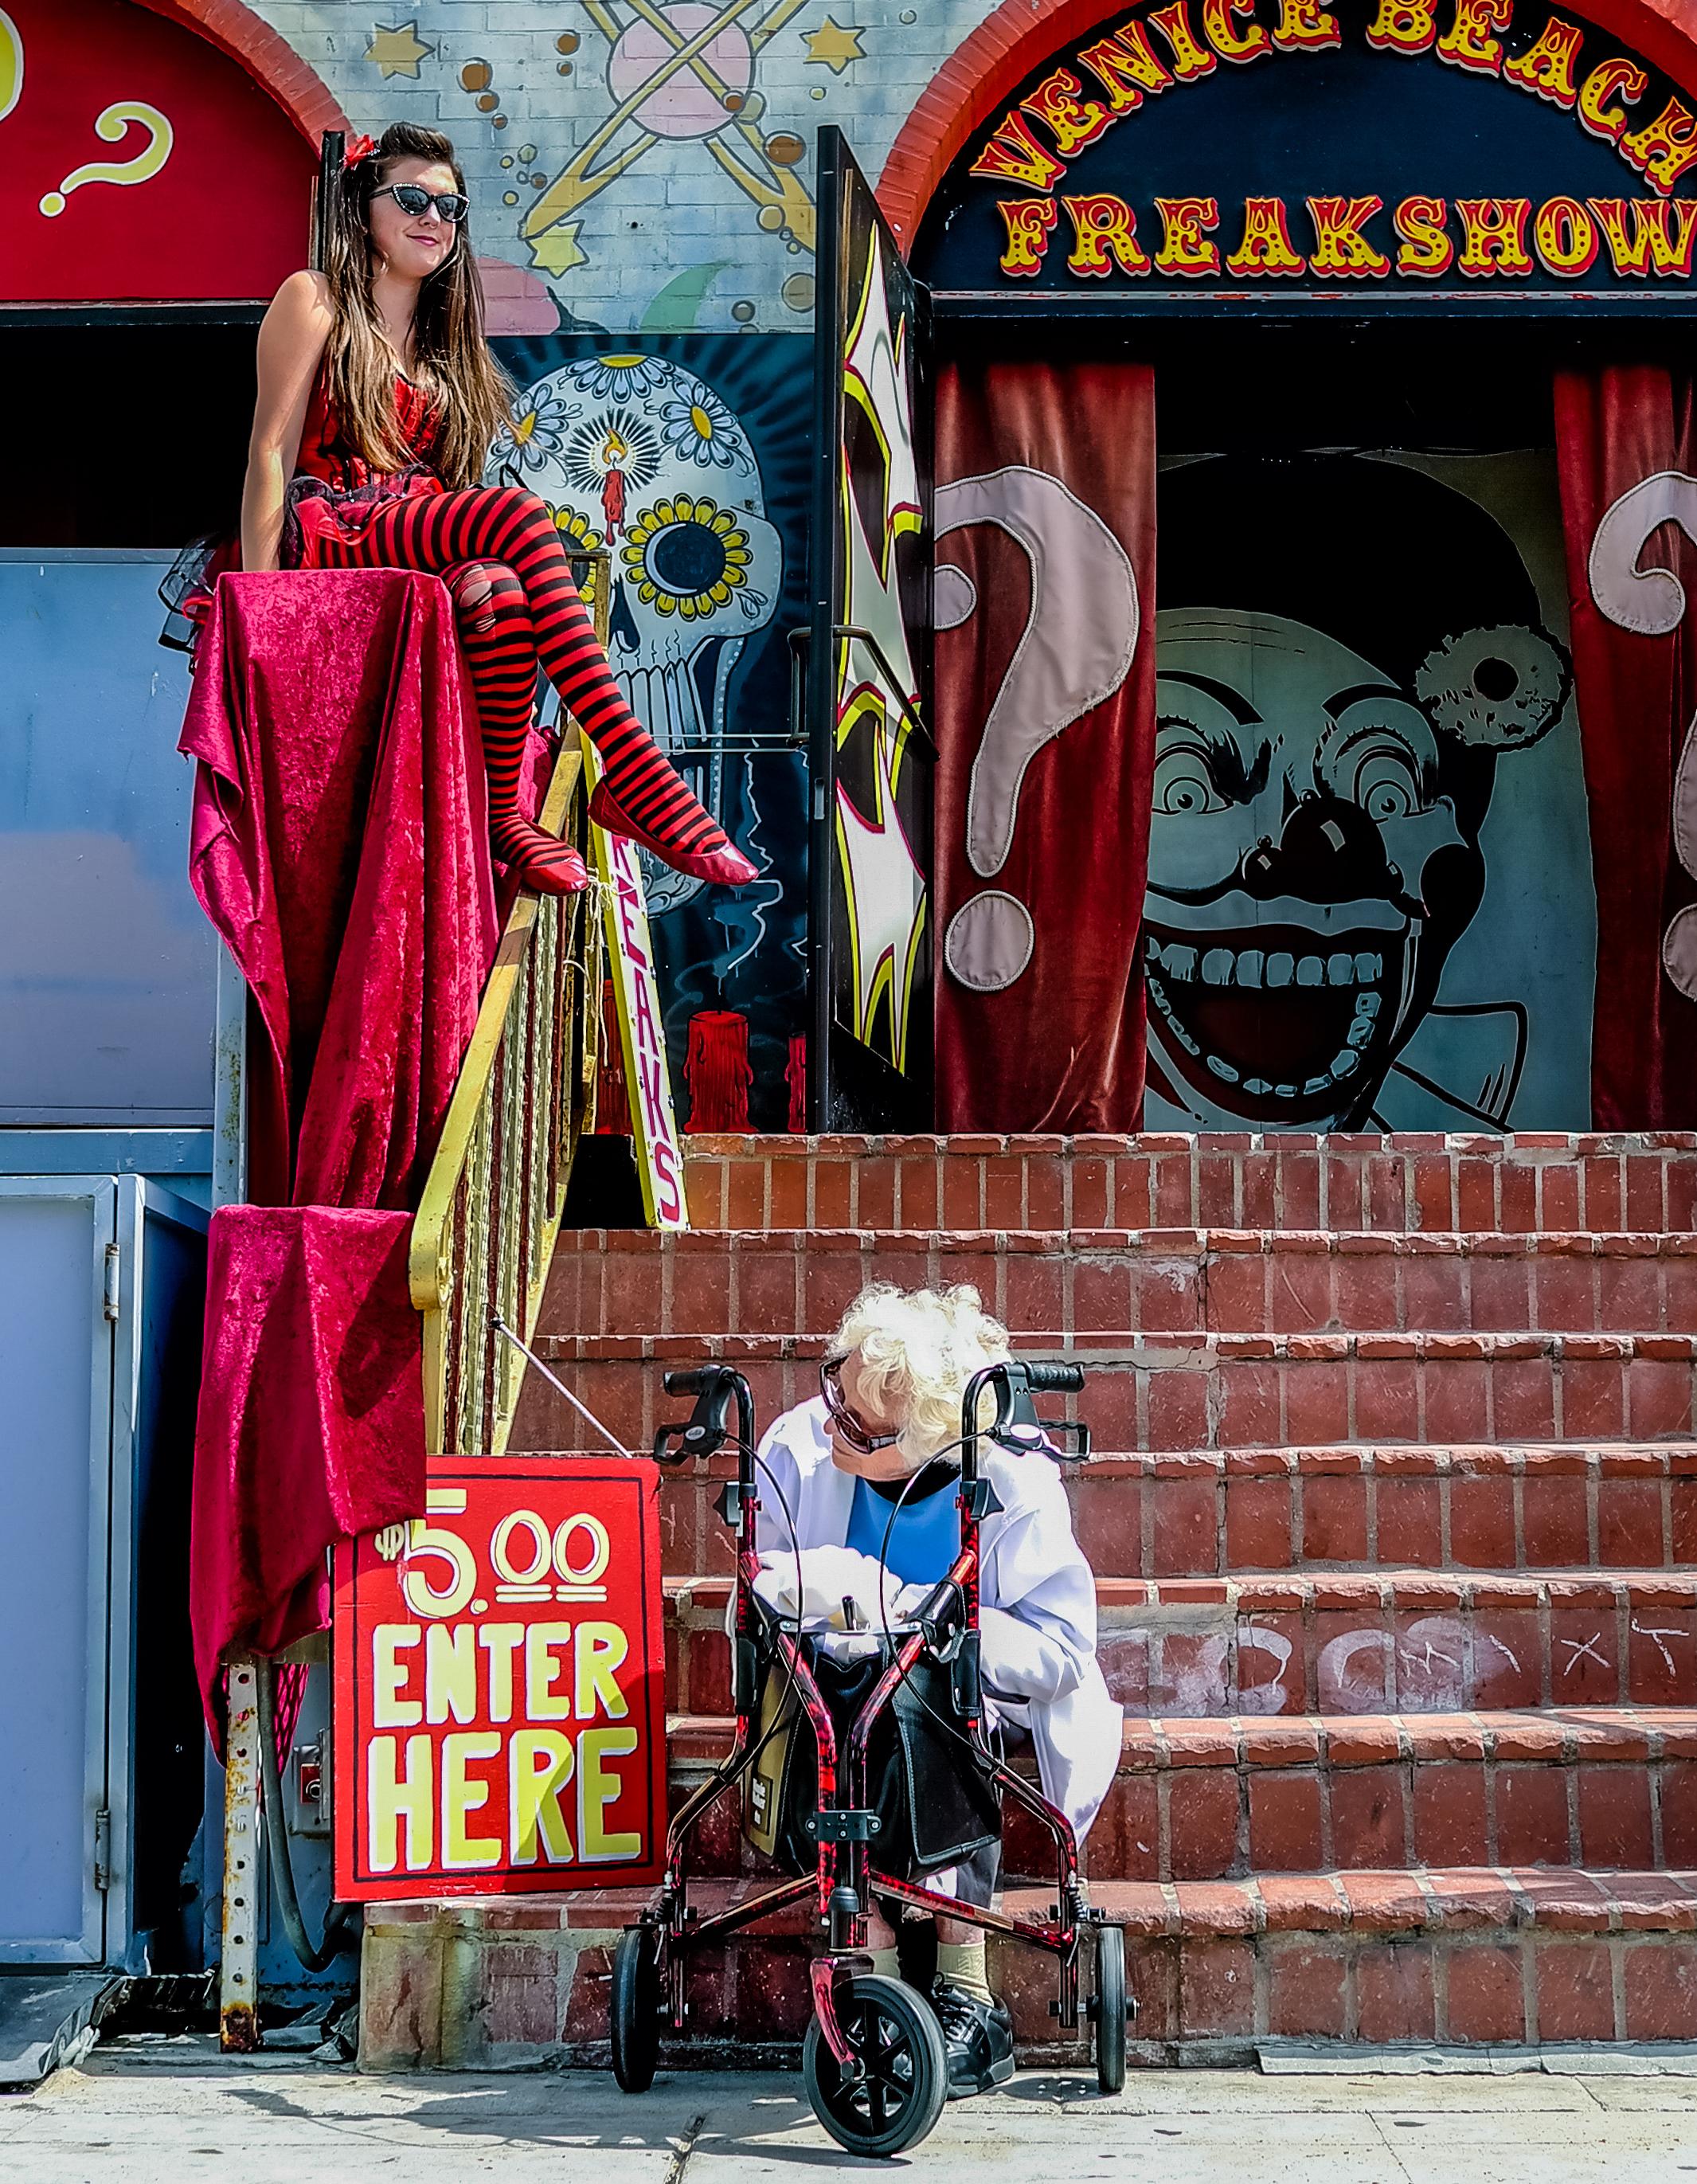 Freak show.jpg